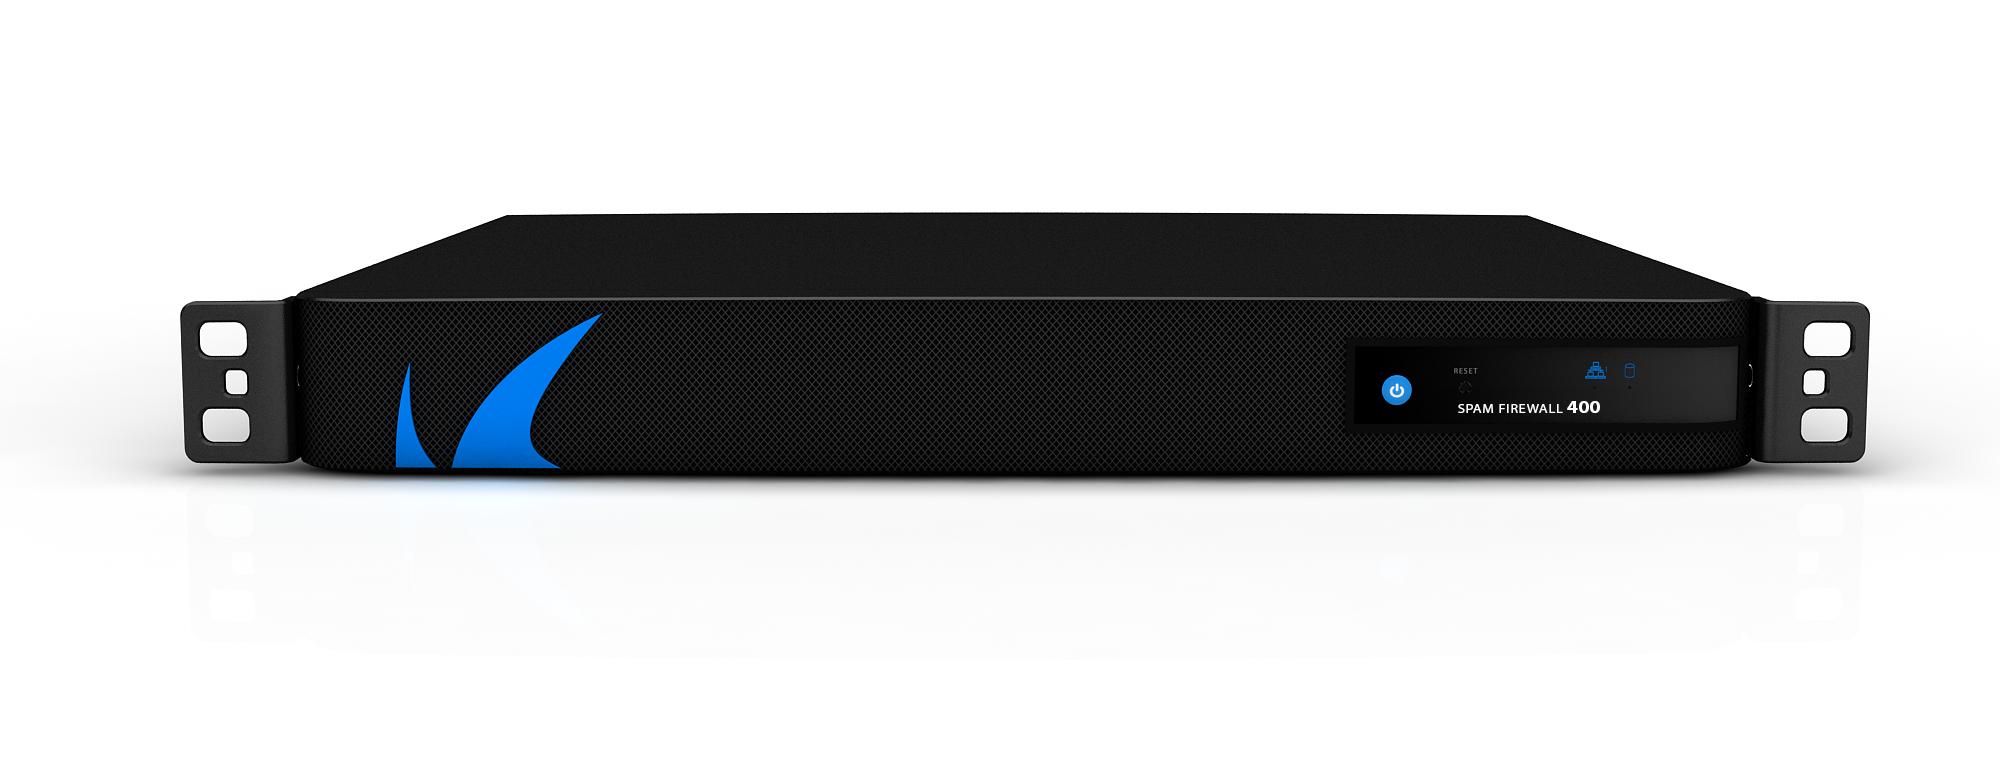 Barracuda Spam Firewall Applicom